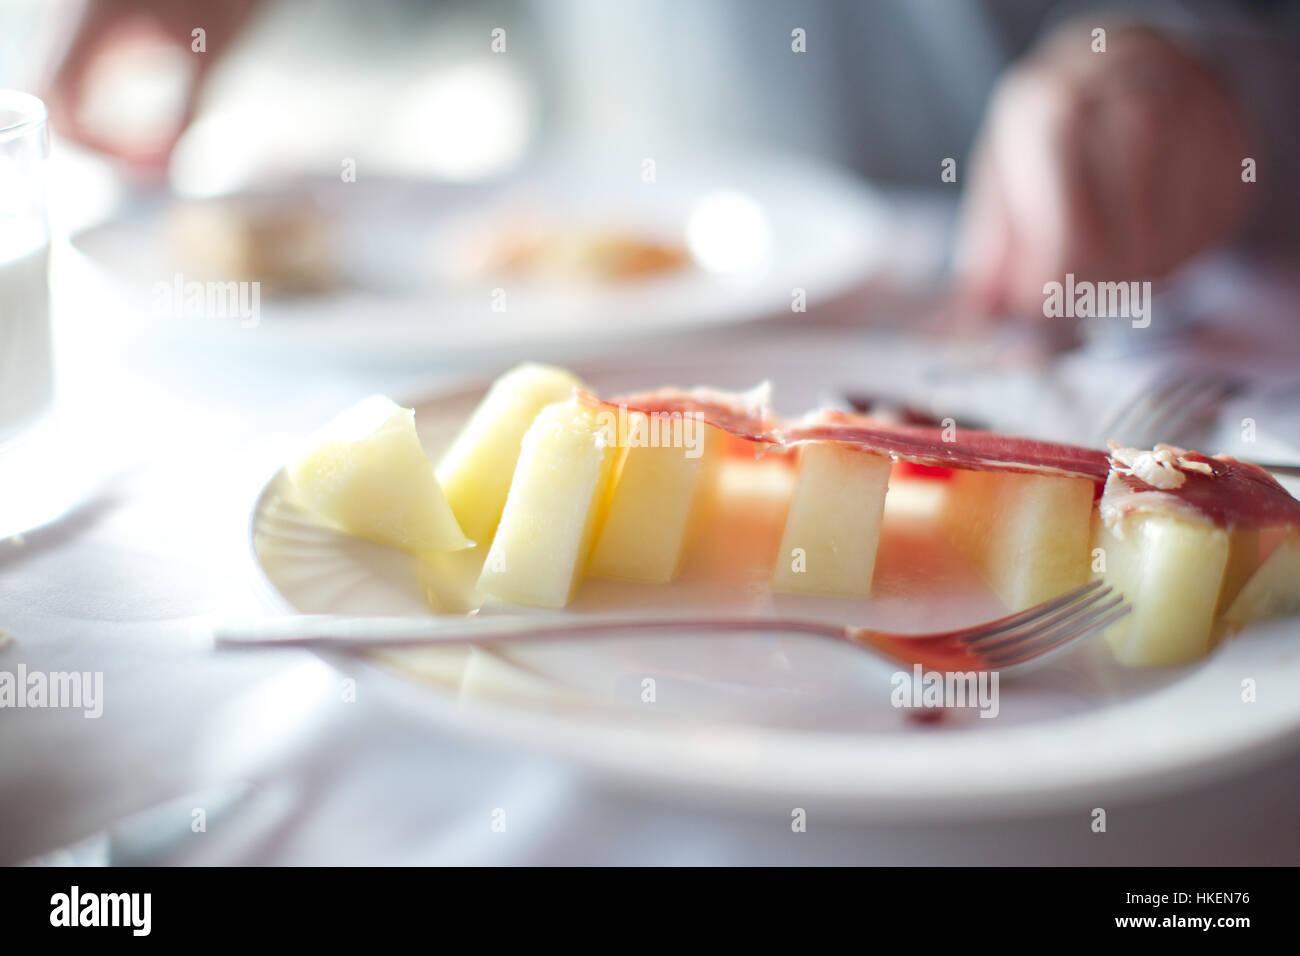 Le lard avec la tranche de pomme sur la plaque. alimentation, restaurant, fourchette, l'indulgence. Photo Stock